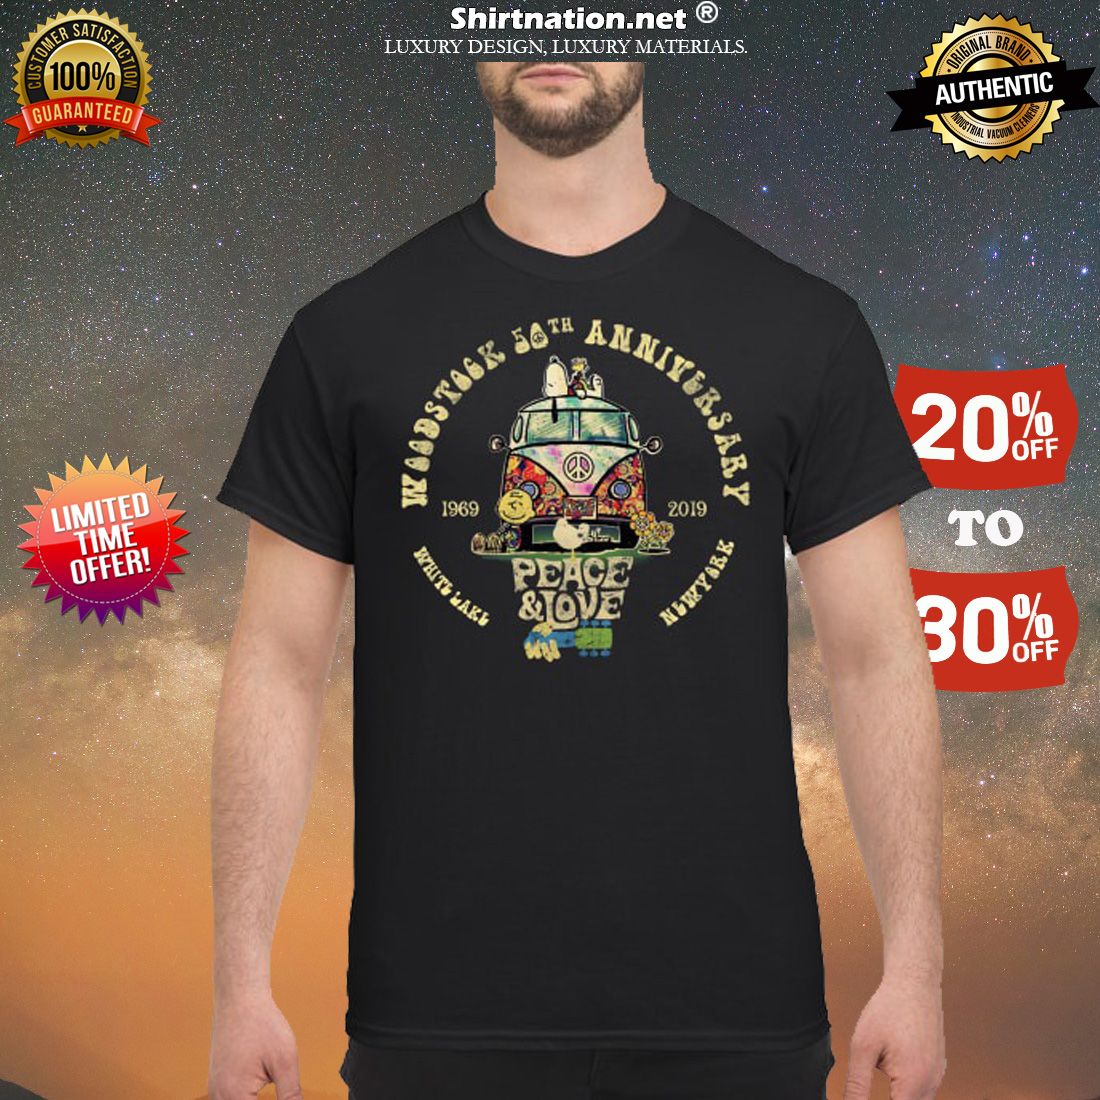 Woodstock 50th anniversary 1969 2019 shirt